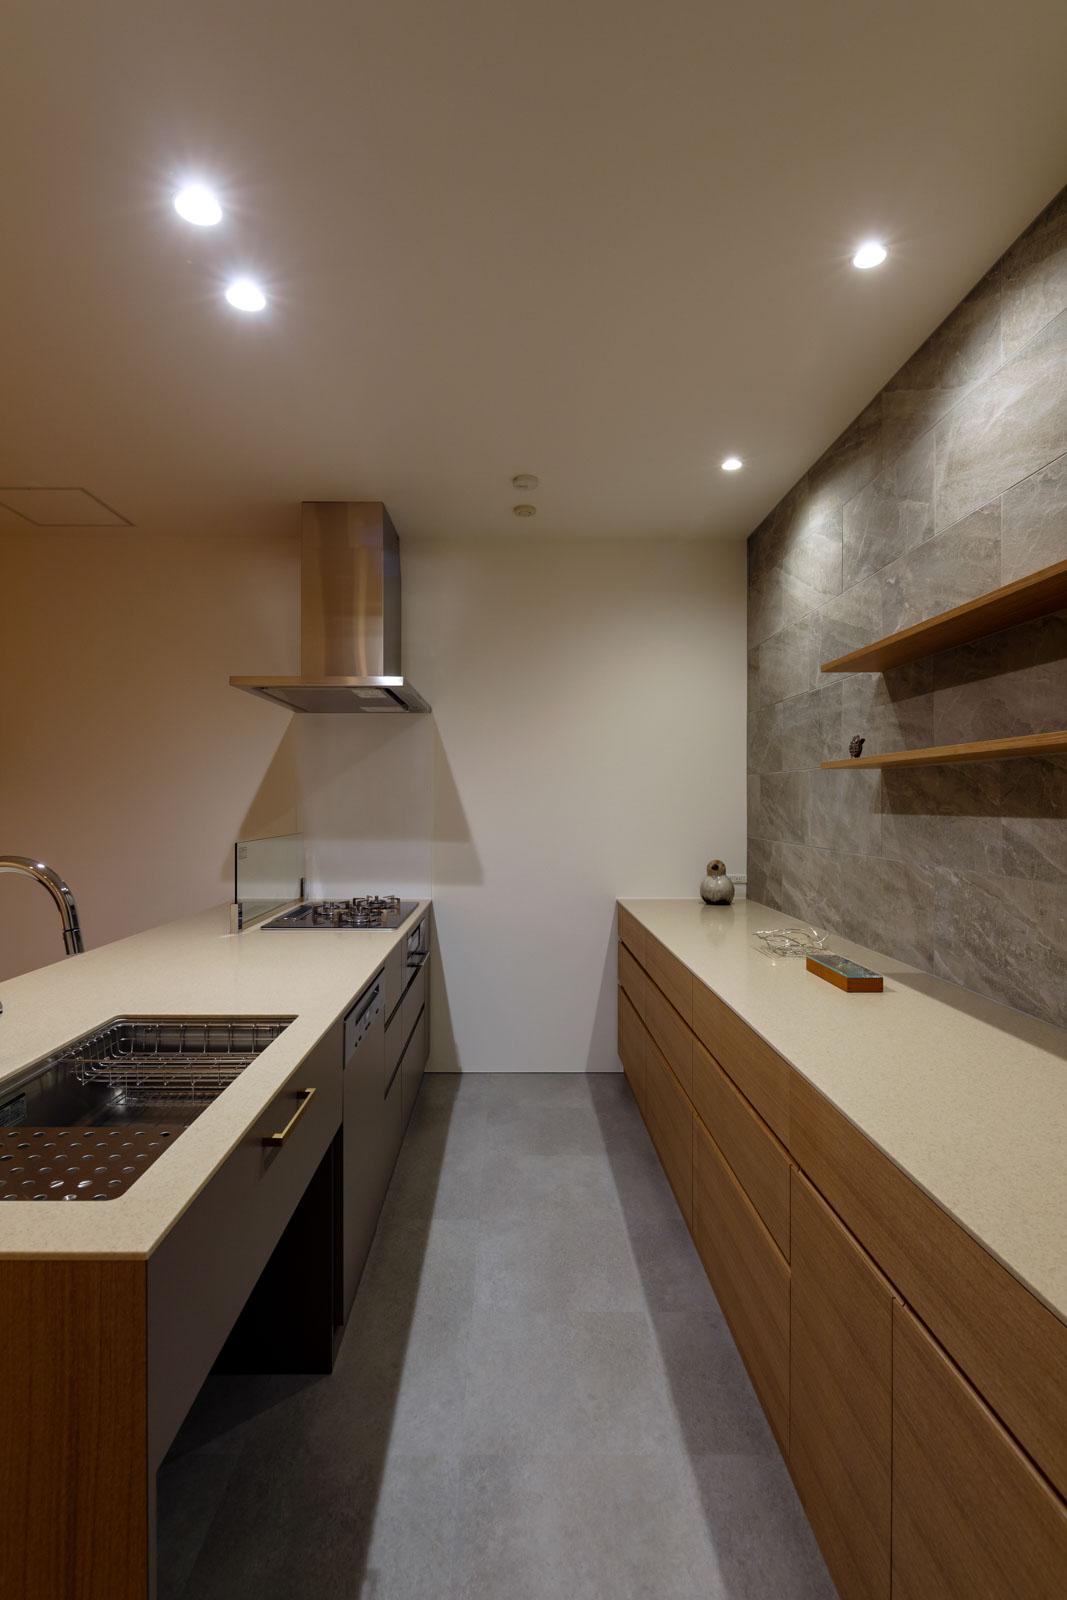 タモの面材とタイルを用いた奥さんこだわりの造作キッチン。シンク下にゴミ箱スペース、食洗機も組み込まれ、収納力も抜群。使い勝手と美しさを兼ね備えたキッチンは、くつろぎ空間の主役に